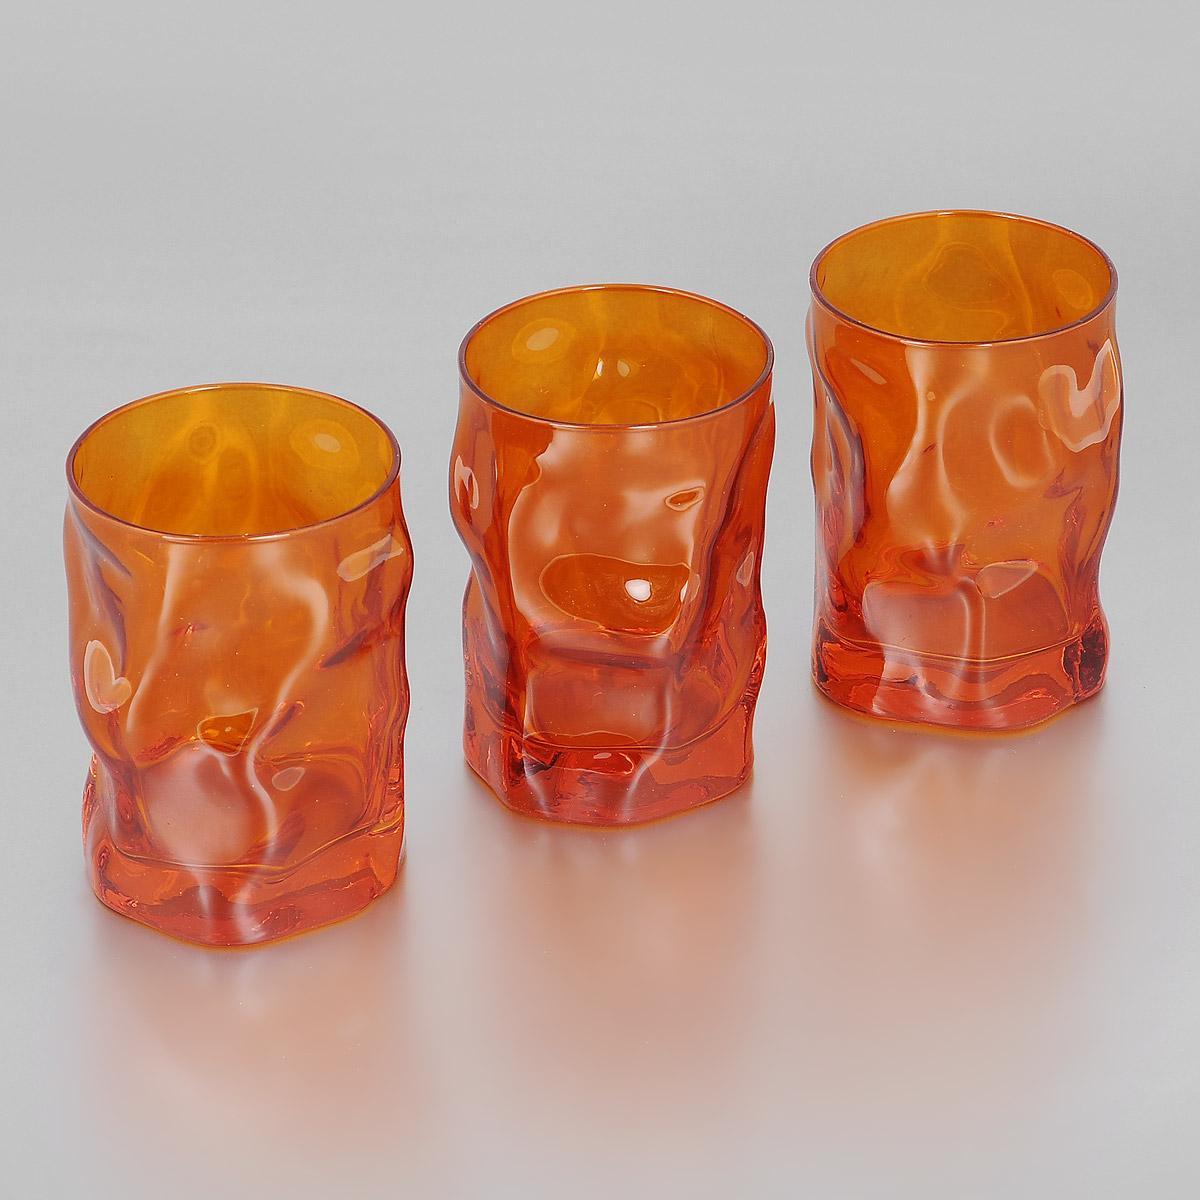 Набор стаканов Bormioli Rocco Sorgente Multicolor, цвет: оранжевый, 300 мл, 3 штVT-1520(SR)Набор Bormioli Rocco Sorgente Multicolor, выполненный из стекла, состоит из 3 низких стаканов. Стаканы предназначены для подачи холодных напитков. Изделия имеют оригинальный дизайн и толстое дно. Благодаря такому набору пить напитки будет еще вкуснее.Стаканы Bormioli Rocco Sorgente Multicolor станут идеальным украшением праздничного стола и отличным подарком к любому празднику. С 1825 года компания Bormioli Rocco производит высококачественную посуду из стекла. На сегодняшний день это мировой лидер на рынке производства стеклянных изделий. Ассортимент, предлагаемый Bormioli Rocco необычайно широк - это бокалы, фужеры, рюмки, графины, кувшины, банки для сыпучих продуктов и консервирования, тарелки, салатники, чашки, контейнеры различных емкостей, предназначенные для хранения продуктов в холодильниках и морозильных камерах и т.д. Стекло сочетает в себе передовые технологии и традиционно высокое качество.